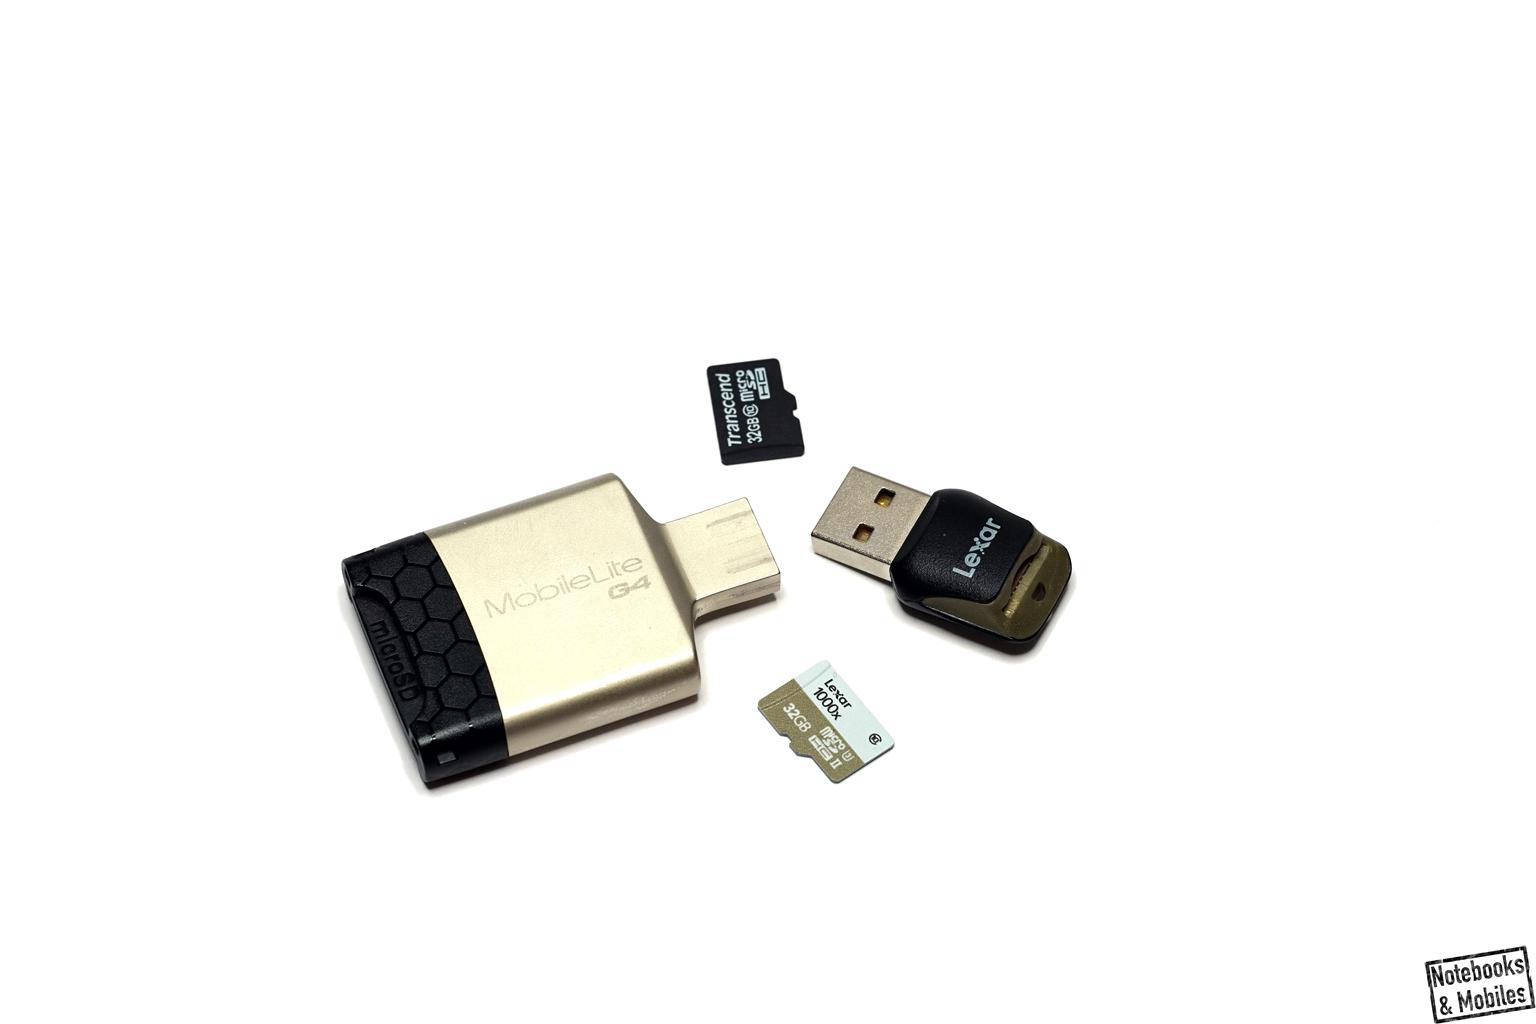 Externe UHS-II-Kartenleser sorgen für eine adäquate Leistungsentfaltung.